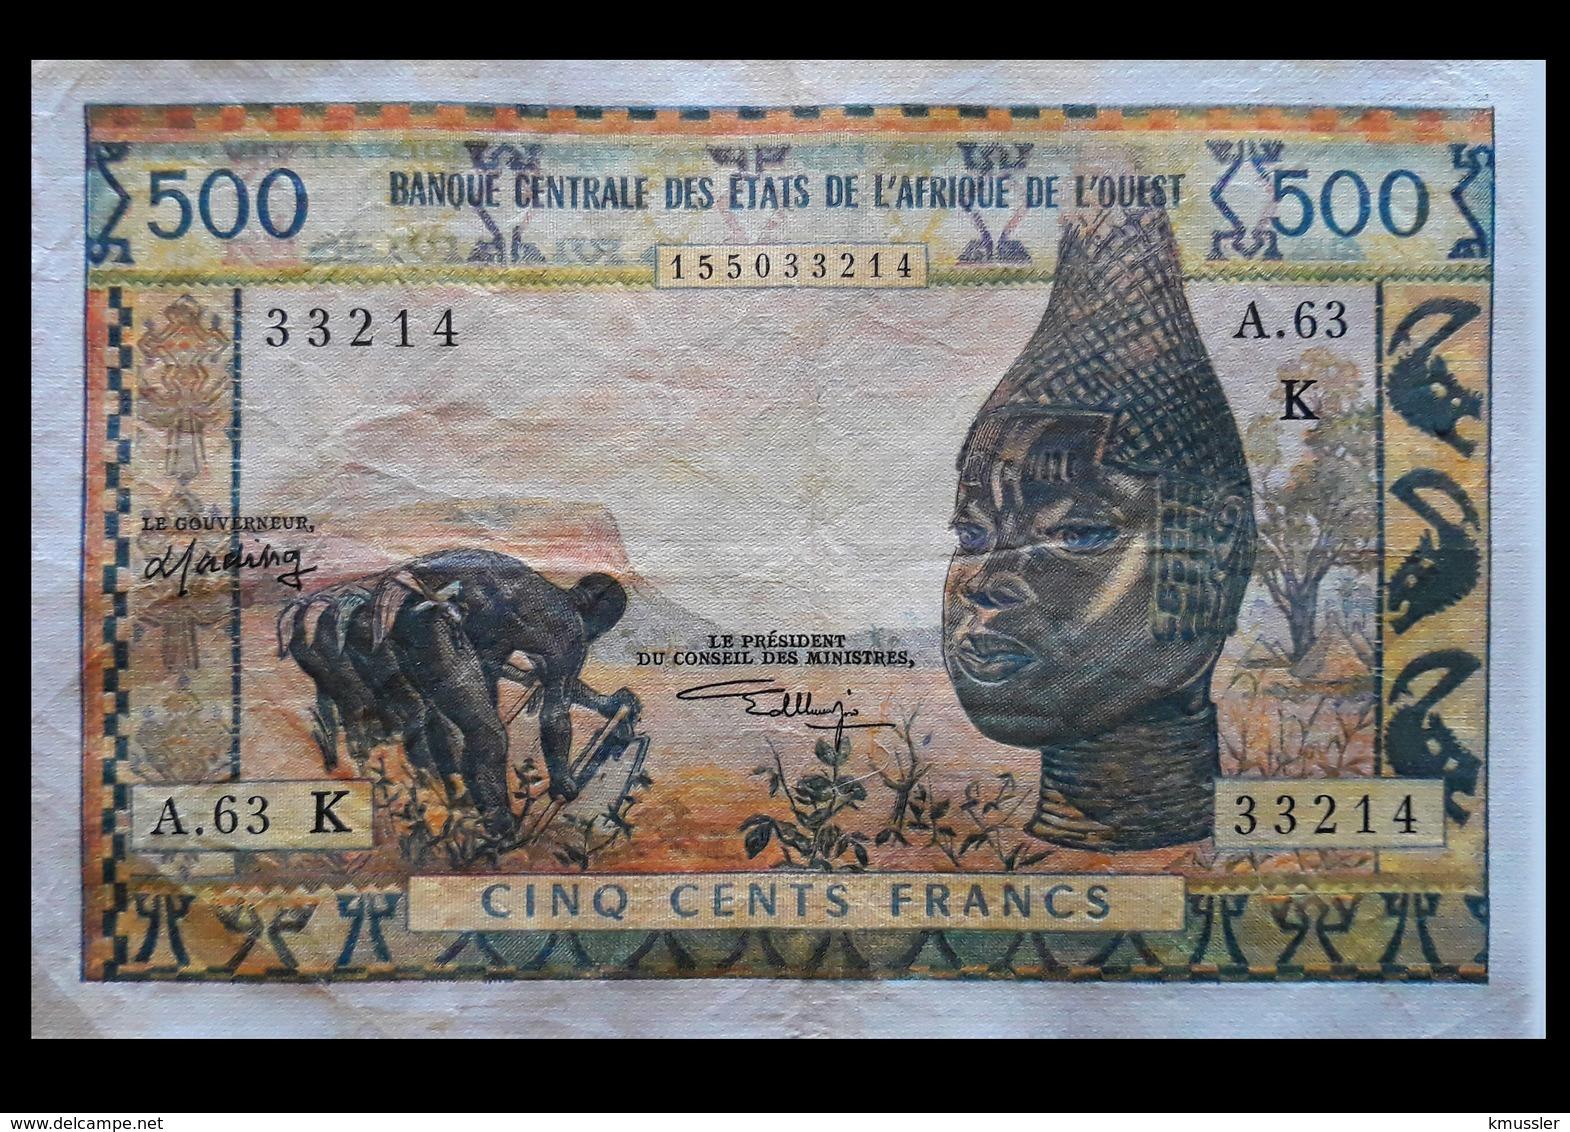 # # # Seltene Banknote Senegal (Westafrika) 500 Francs # # # - Sénégal